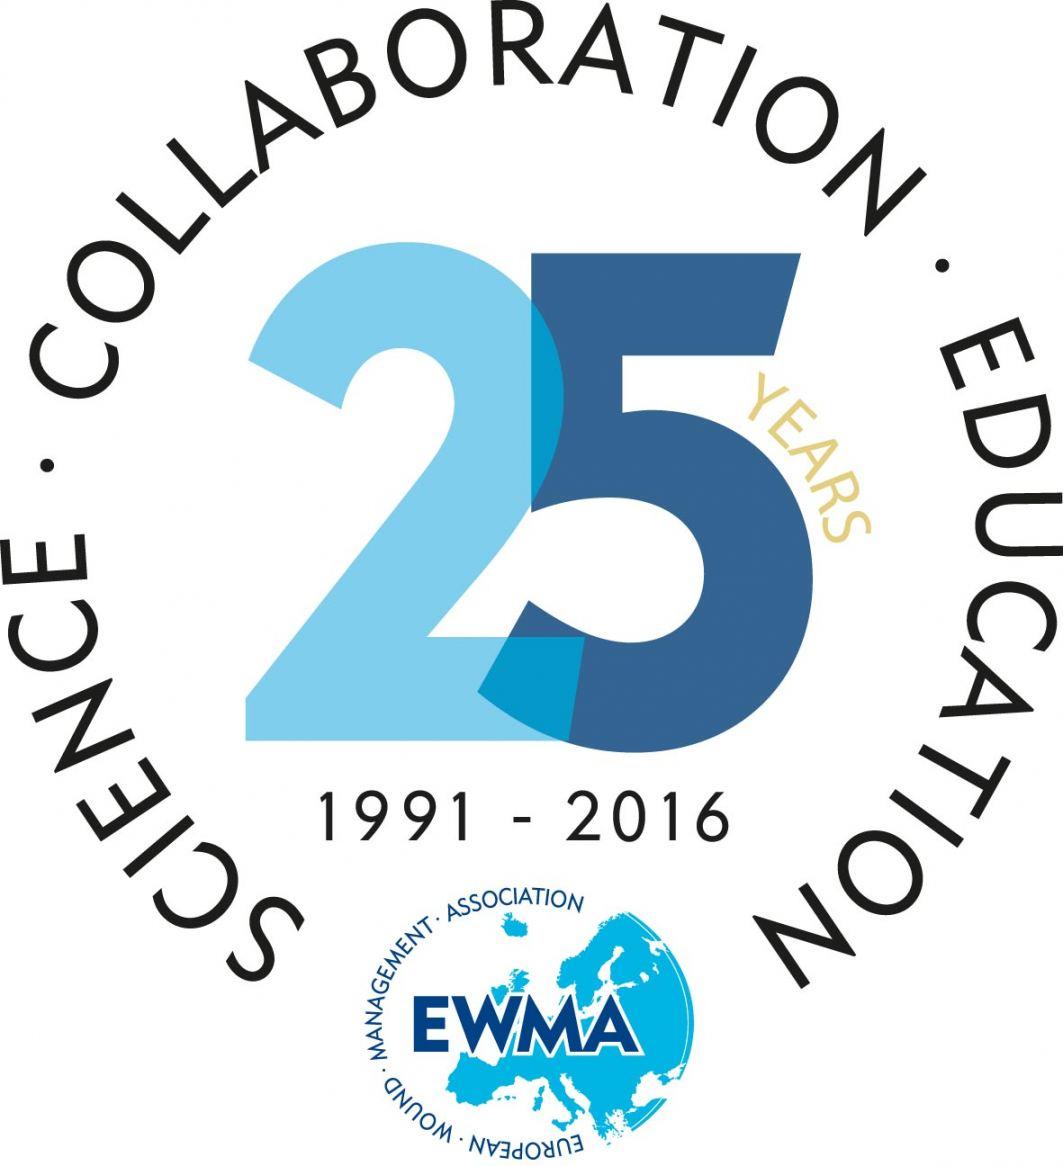 ewma-org Logo